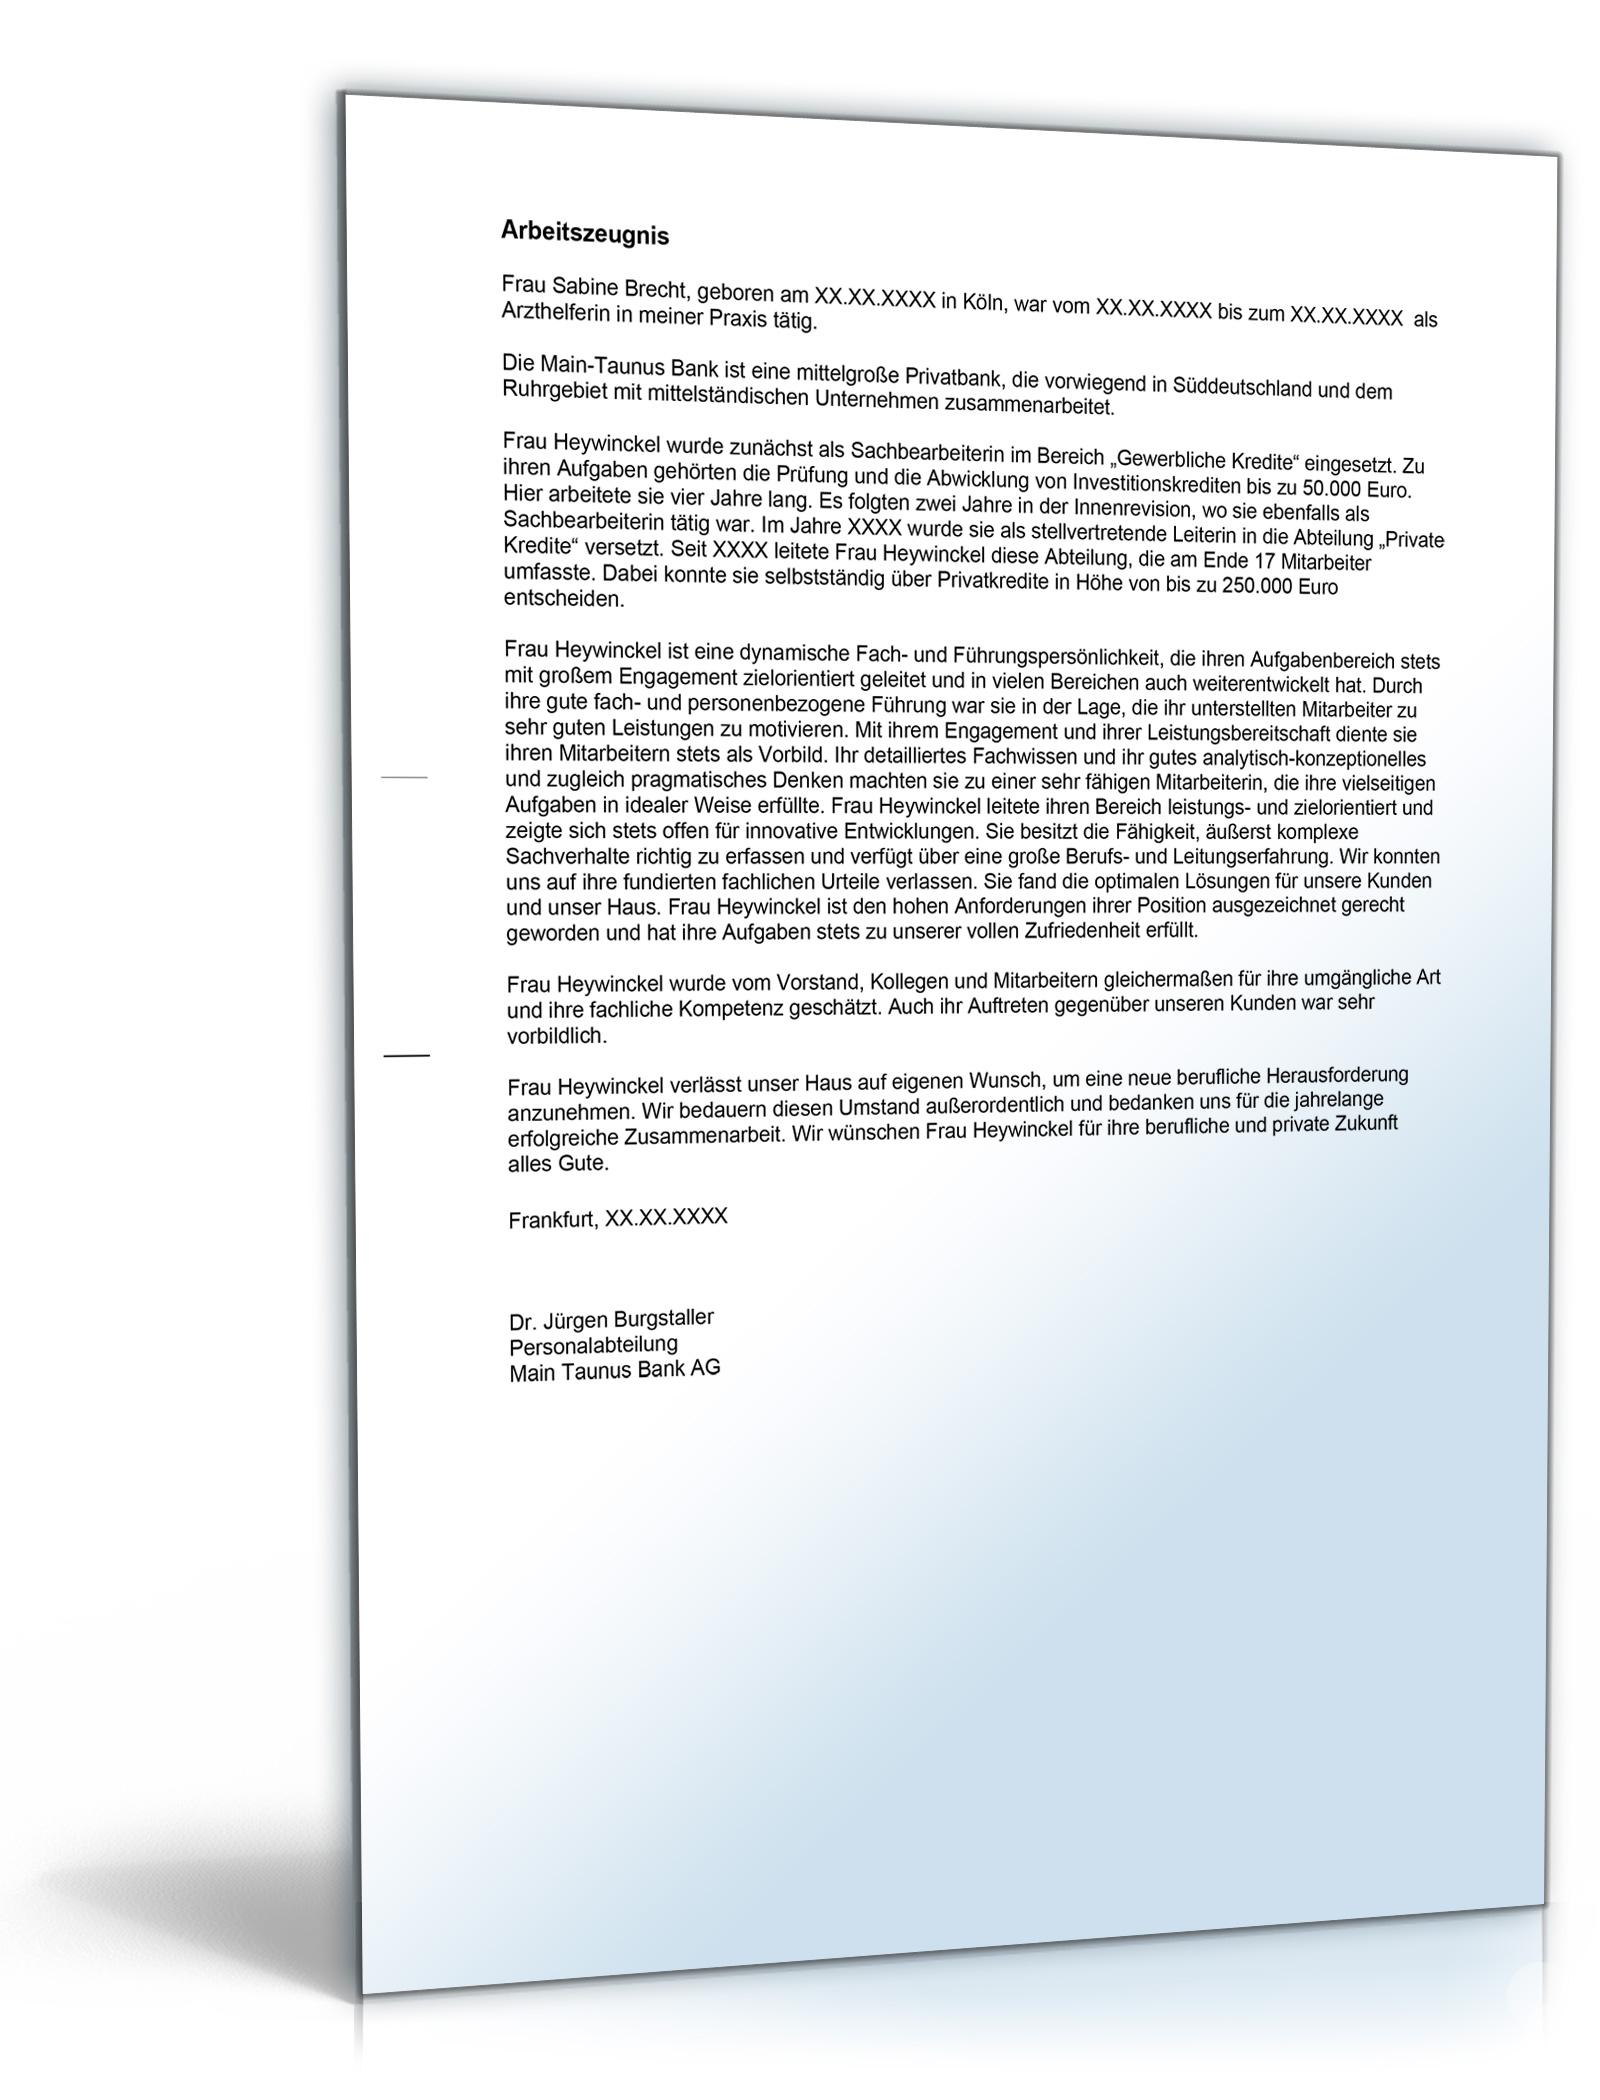 Musterbriefe Zusammenarbeit : Arbeitszeugnis quot gut bankkaufleute